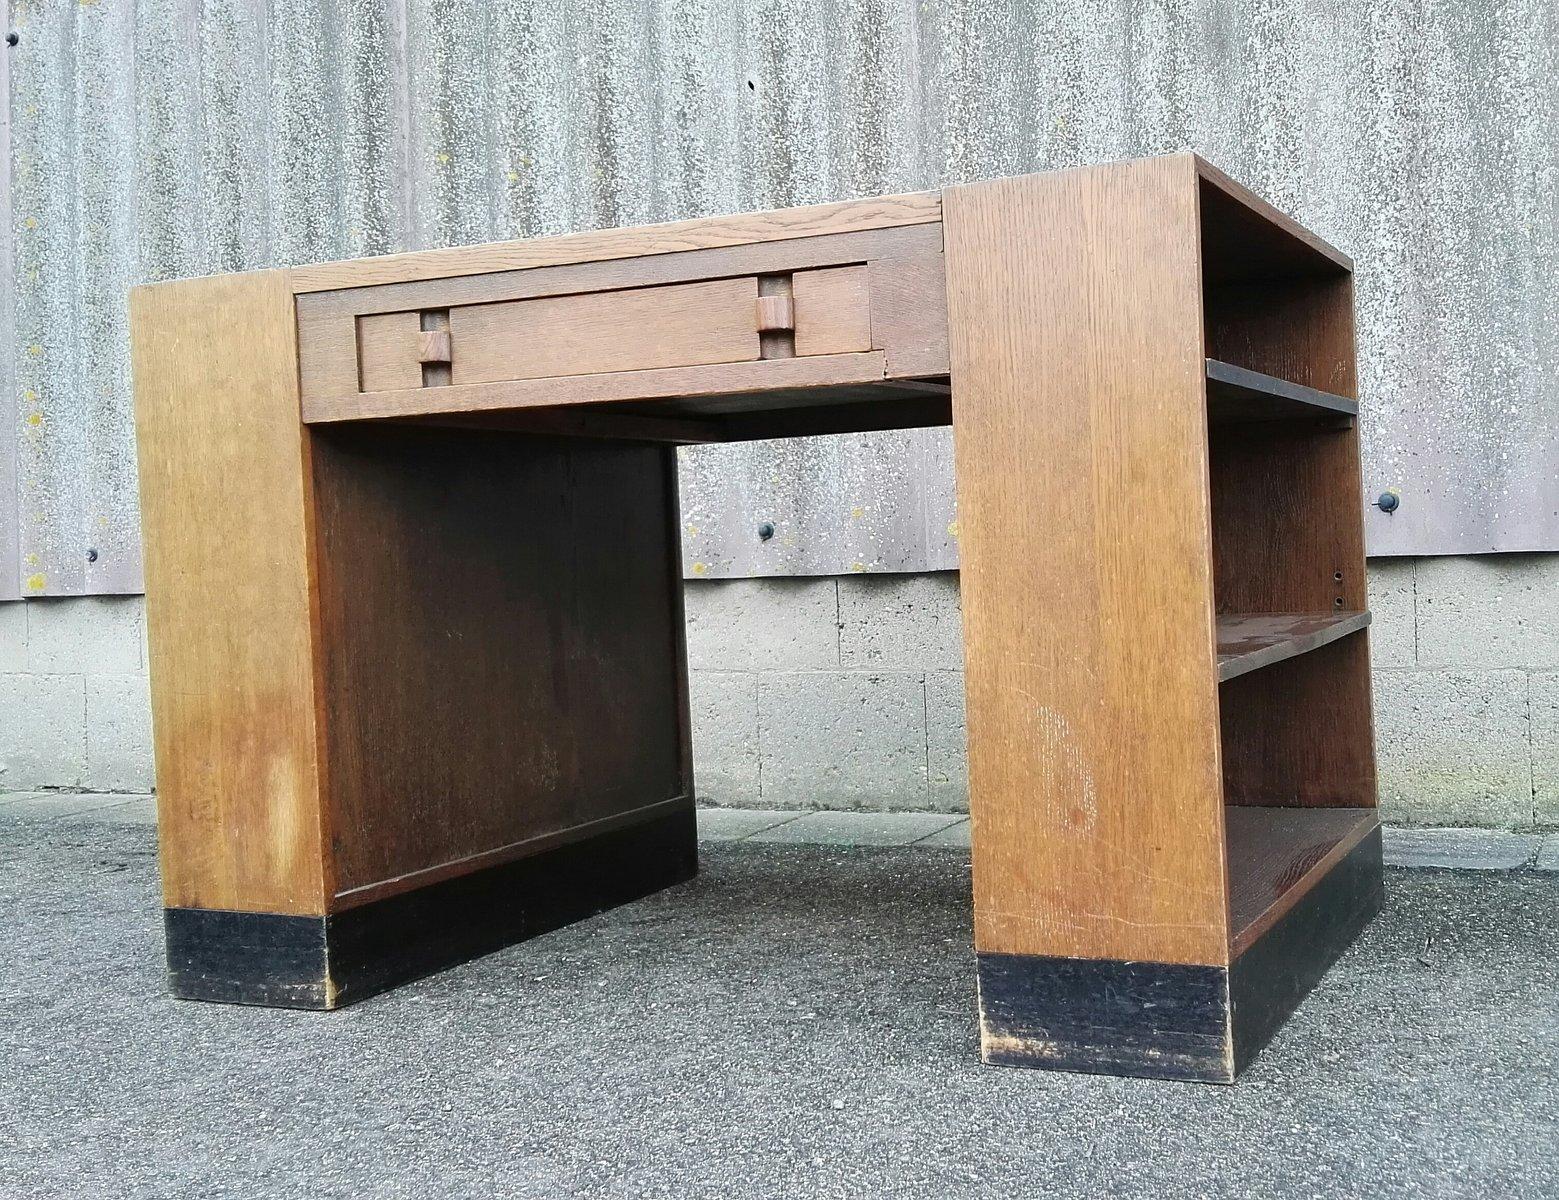 moderner niederl ndischer schreibtisch von willem penaat f r metz co 1925 bei pamono kaufen. Black Bedroom Furniture Sets. Home Design Ideas